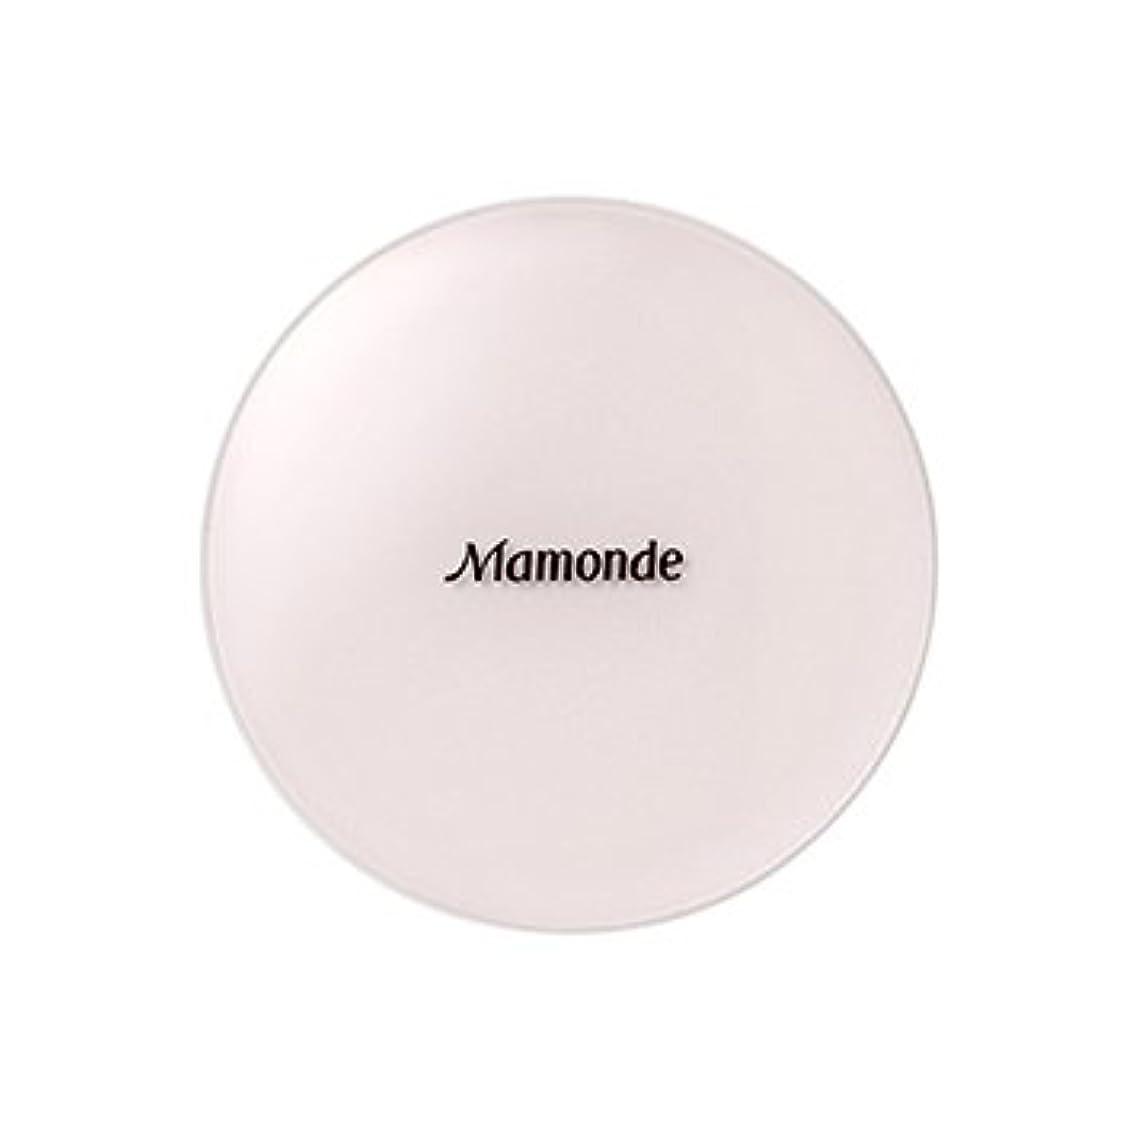 社会科導入する百[New] Mamonde Brightening Cover Ampoule Cushion 15g/マモンド ブライトニング カバー アンプル クッション 15g (#23N Natural Beige) [並行輸入品]